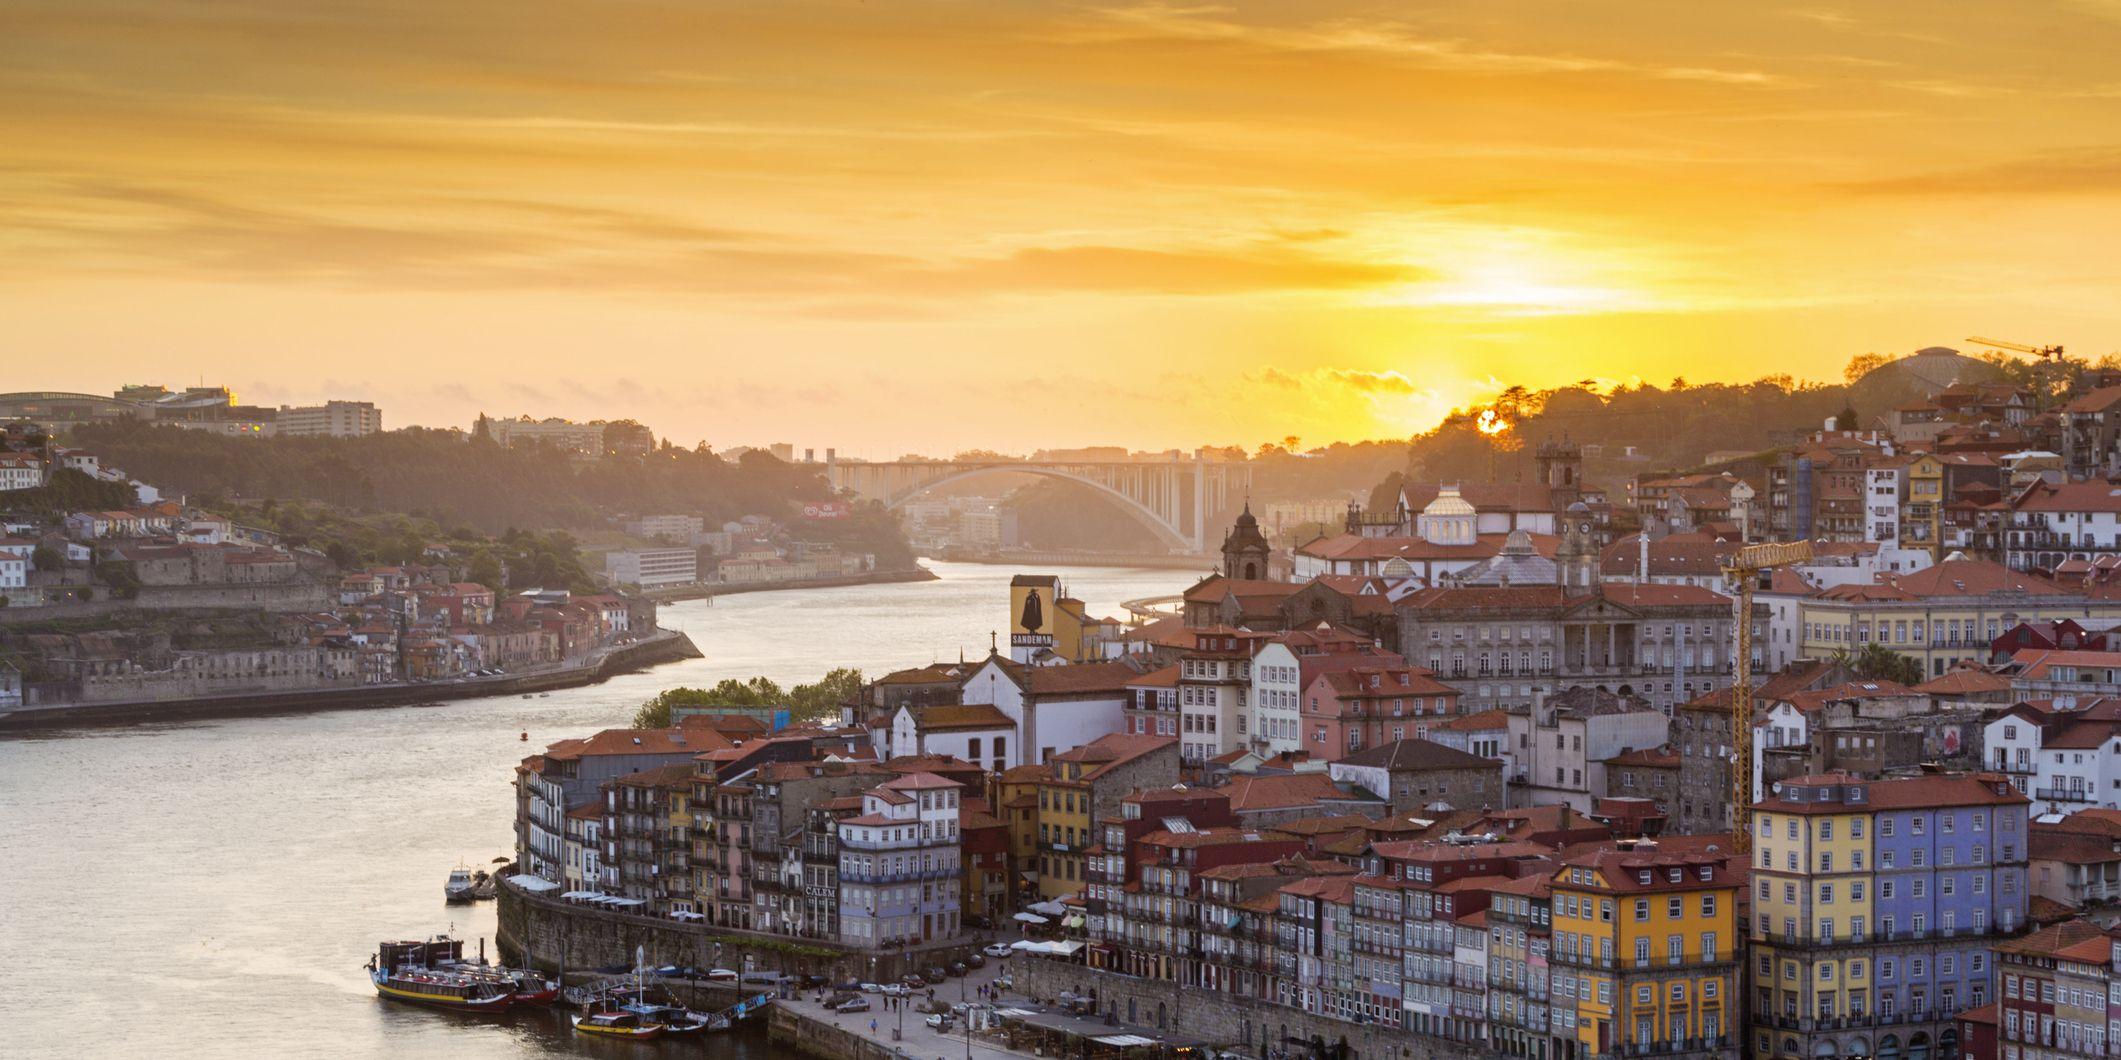 Qué ver y hacer en Oporto en dos días: Turismo, hoteles, restaurantes, bodegas y bares para no perder el tiempo